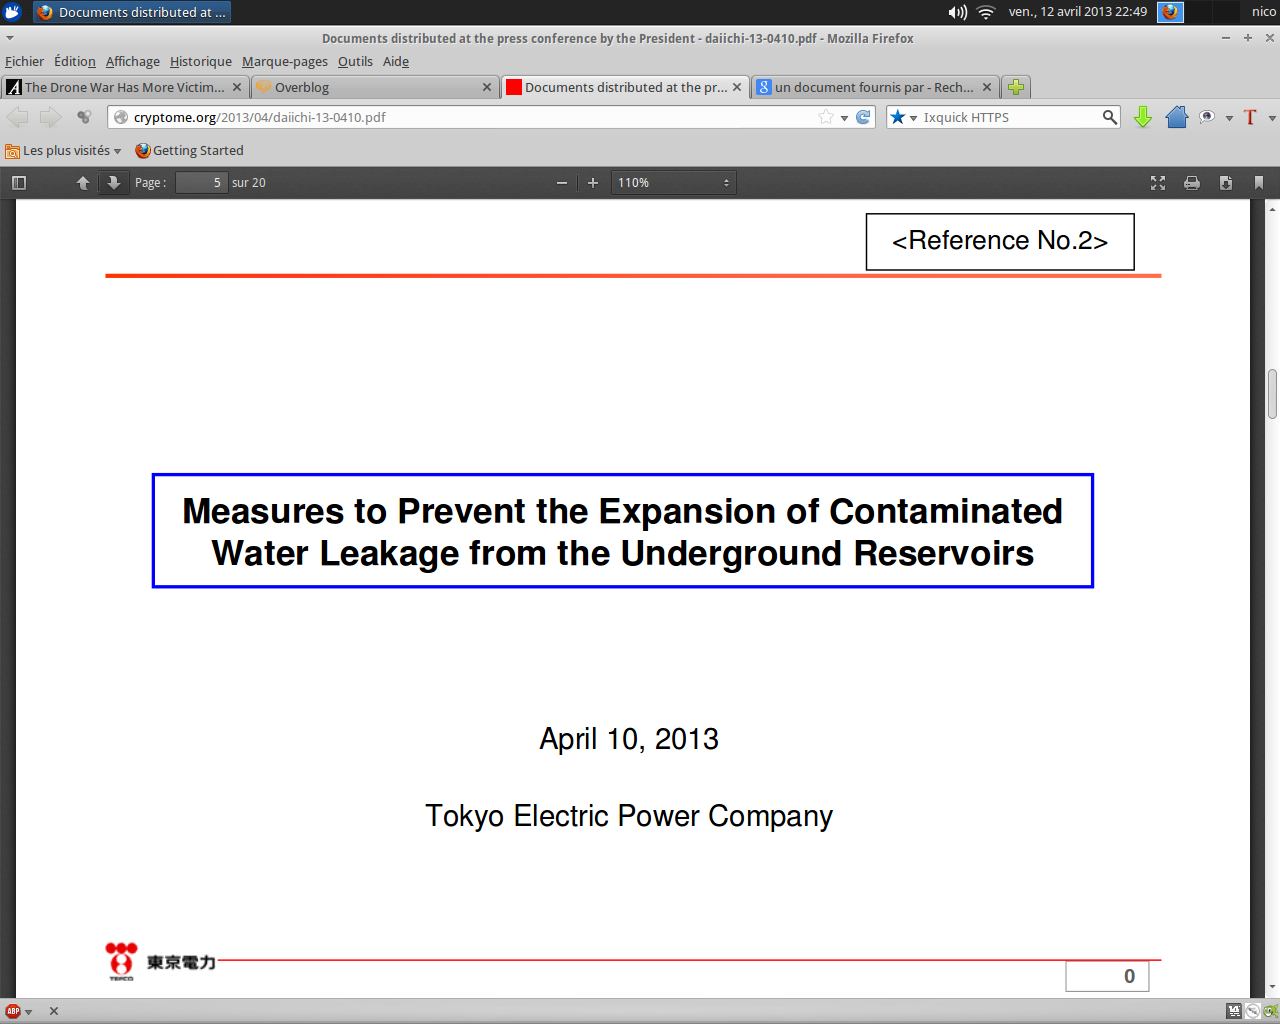 Fukushima: Plan Futur pour le Transfert D'eau des Réservoirs Souterrains